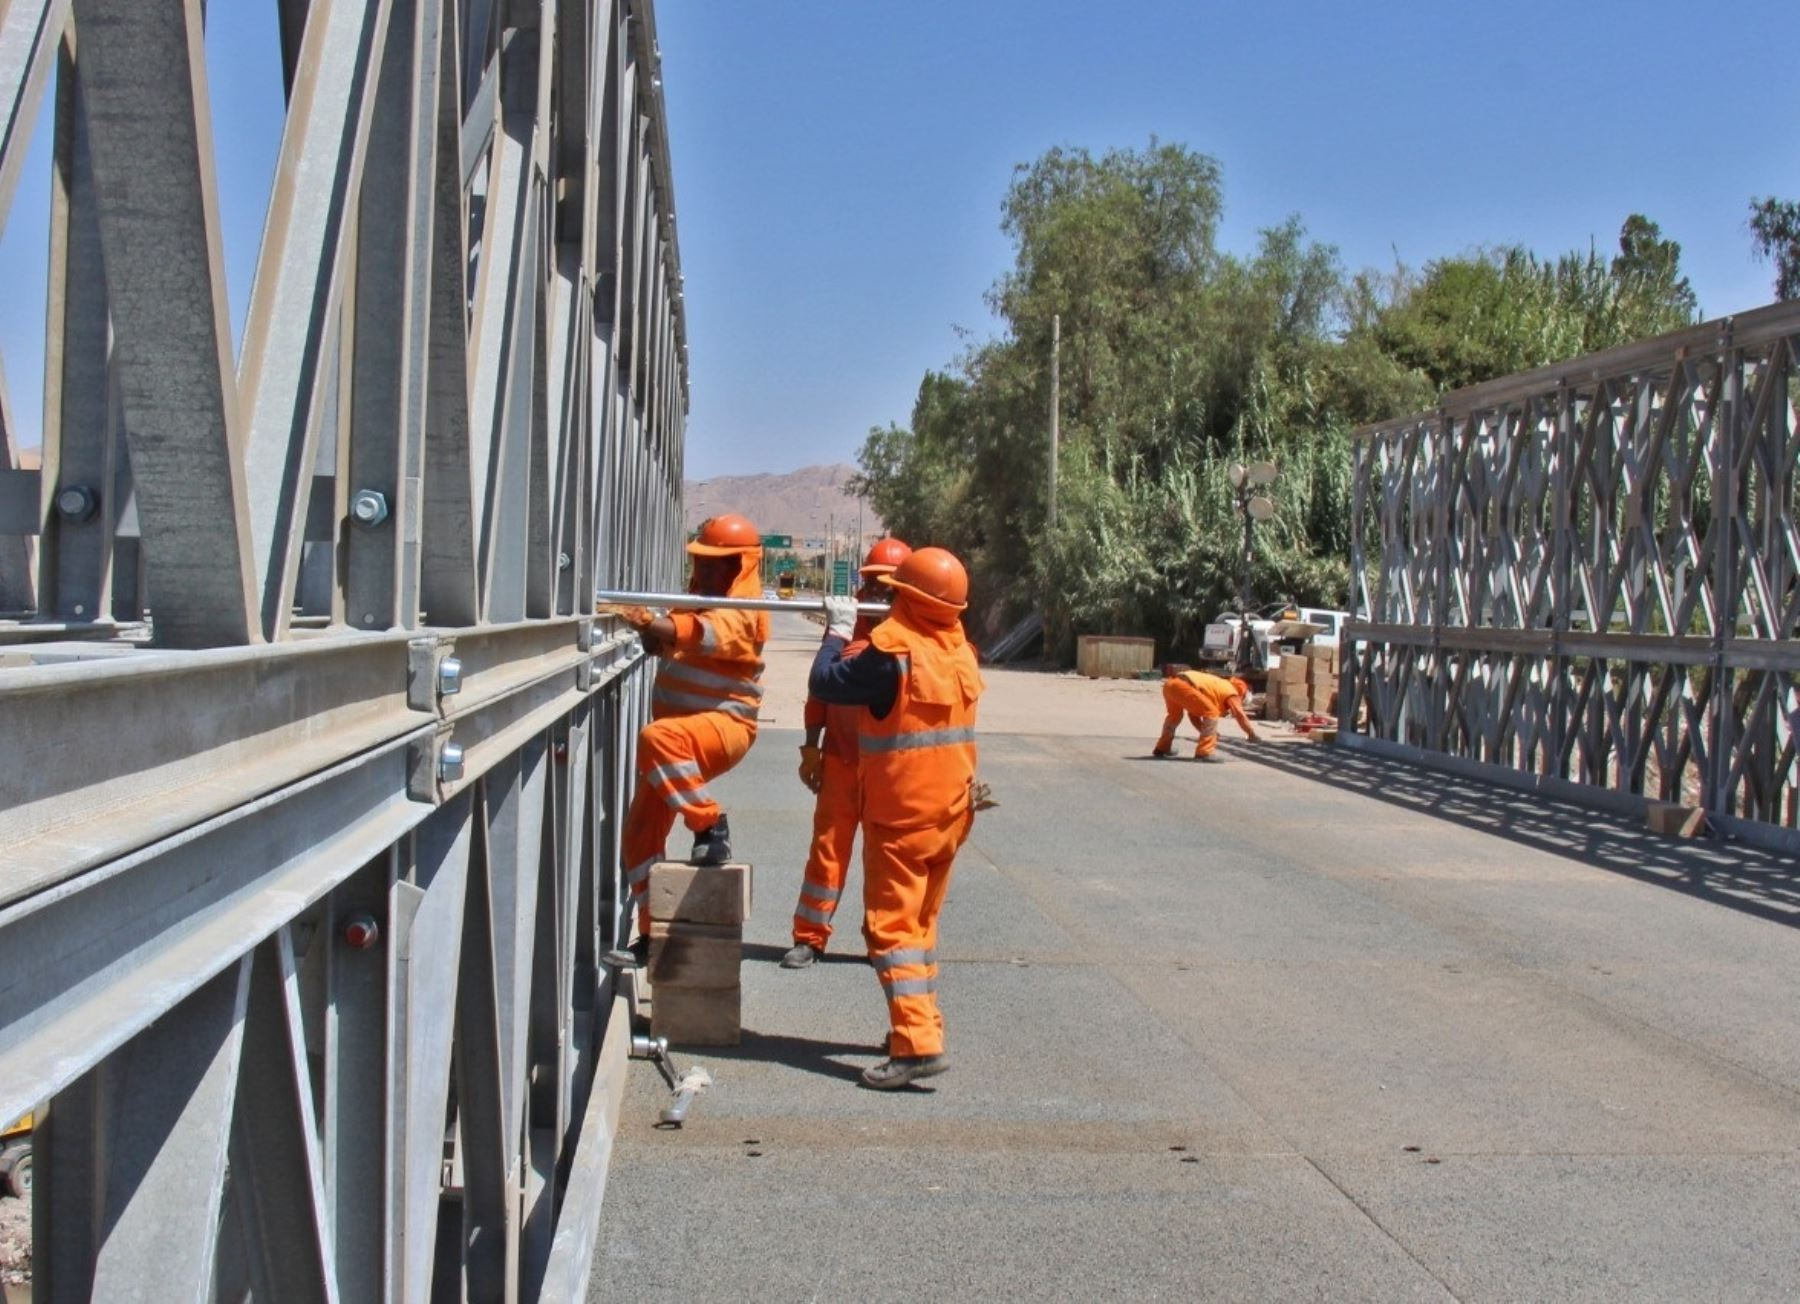 Programa Arranca Perú otorgará S/ 365 millones a Puno para el mantenimiento de más de 4,000 kilómetros de vías vecinales de esa región.